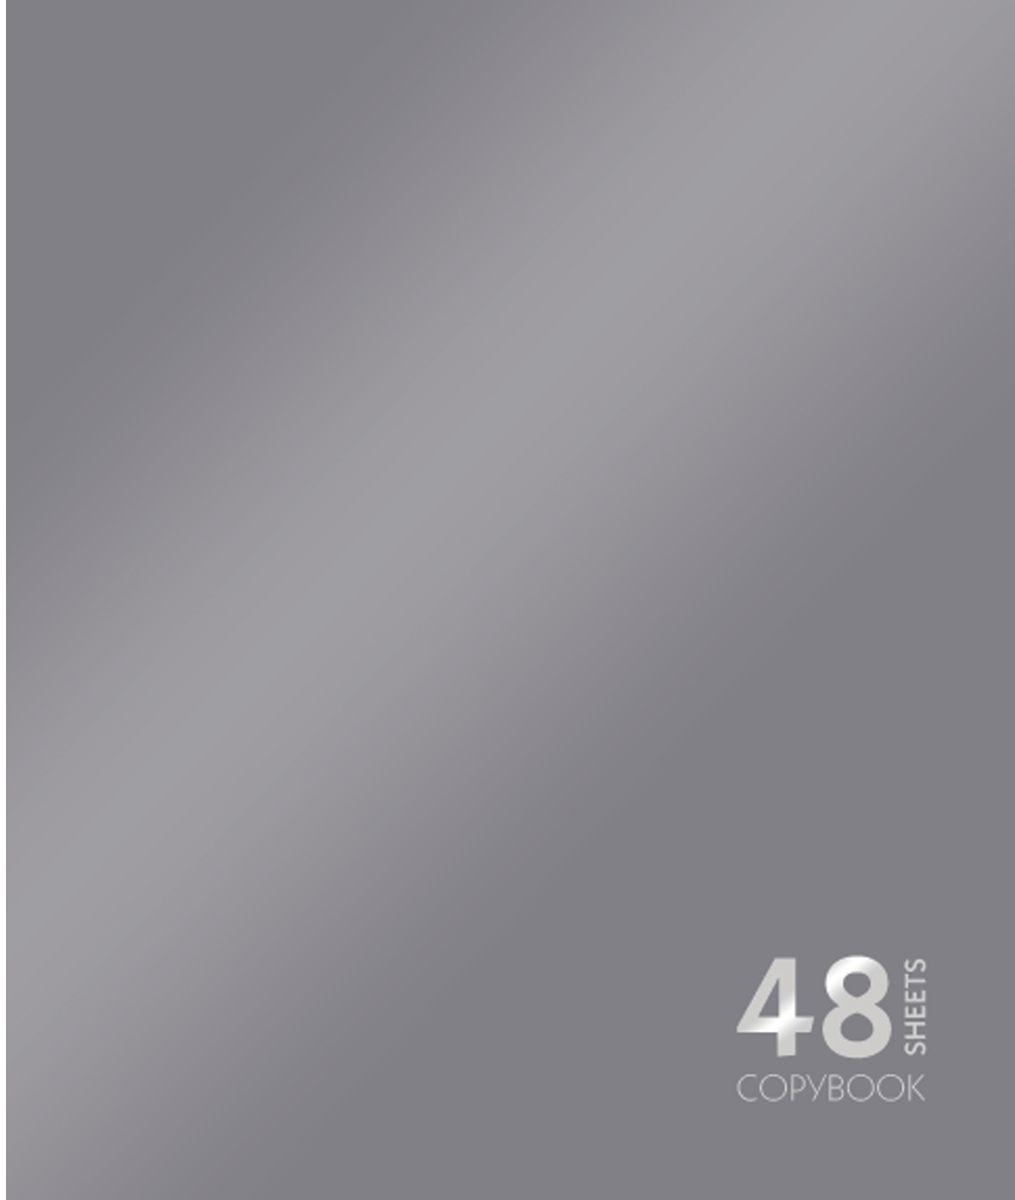 Канц-Эксмо Тетрадь Сияние цвета 48 листов в клетку цвет серебристый72523WDТетрадь А5 48 листов на скрепке, клетка. Обложка мелованный картон с пантонной металлизированной печатью. Бумага офсет 60г/м2